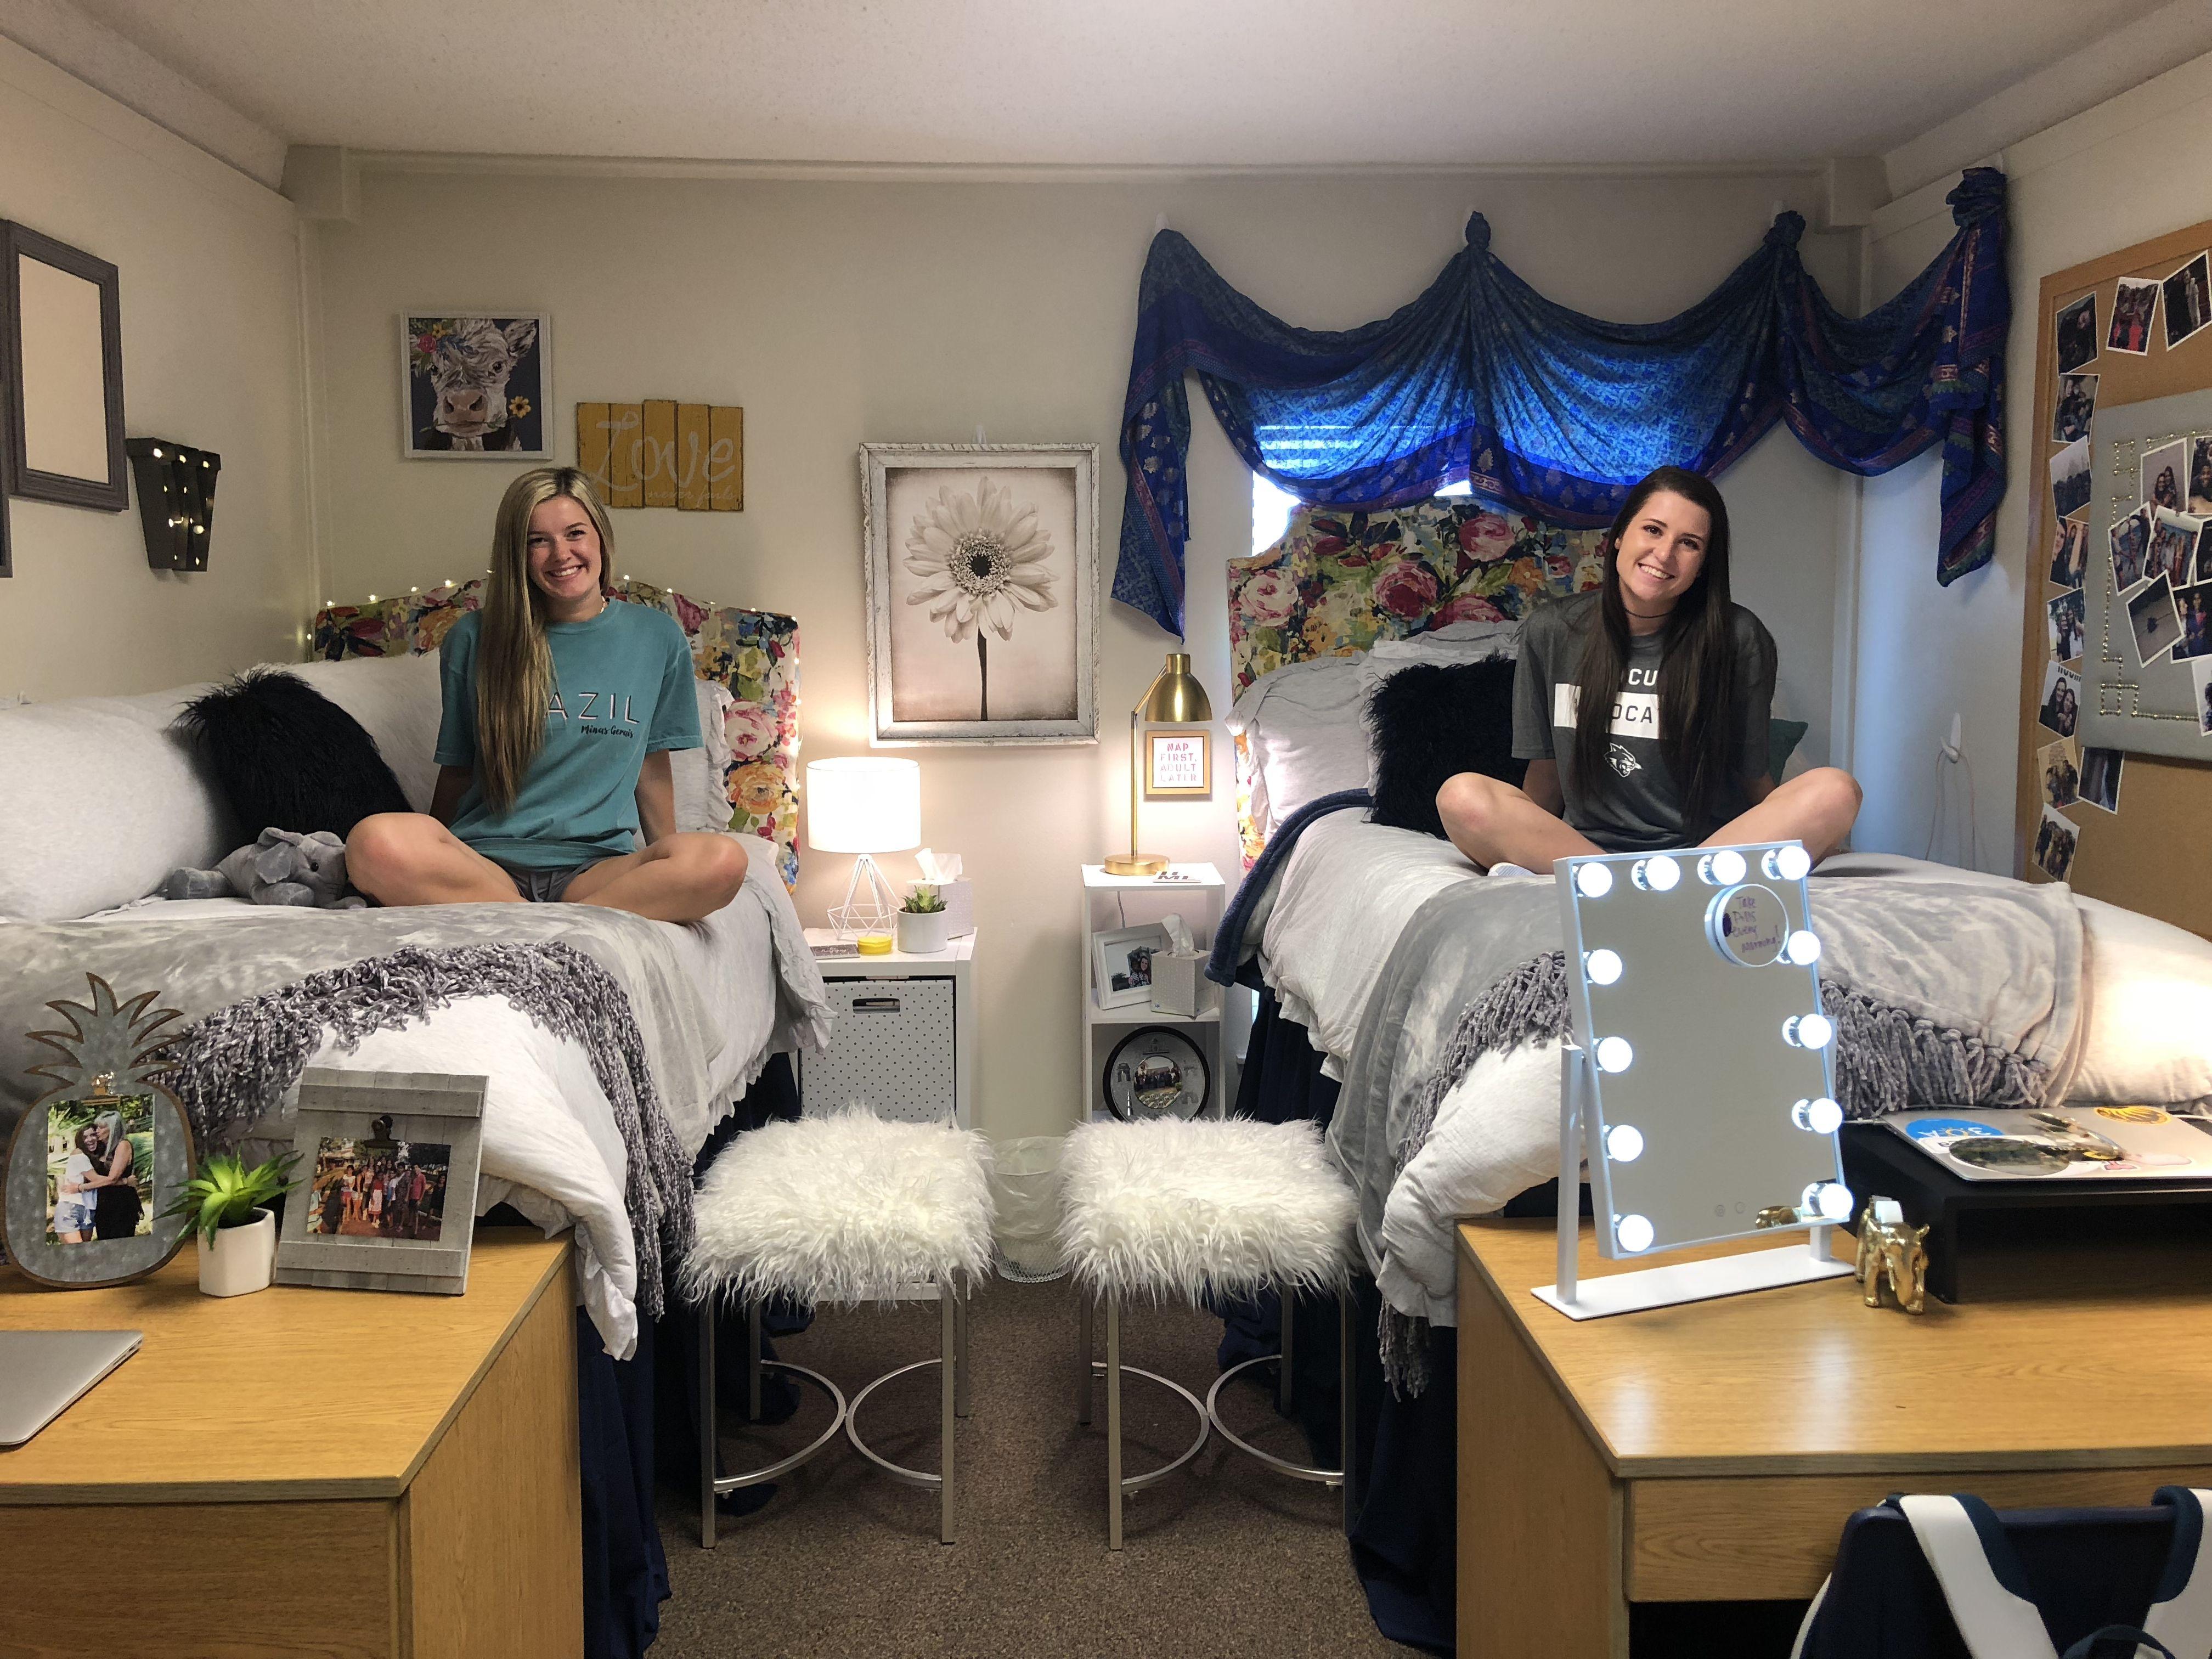 We Love How Cozy This Special Dorm Is Dorm Cozy College Acu Dorm Room Inspiration Dorm Room Diy Dream Dorm